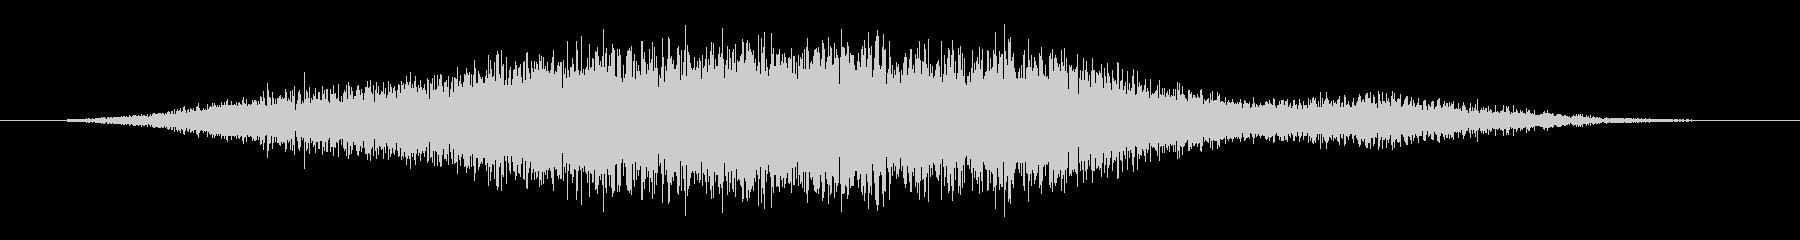 薄いスクリーチングフーシュの未再生の波形